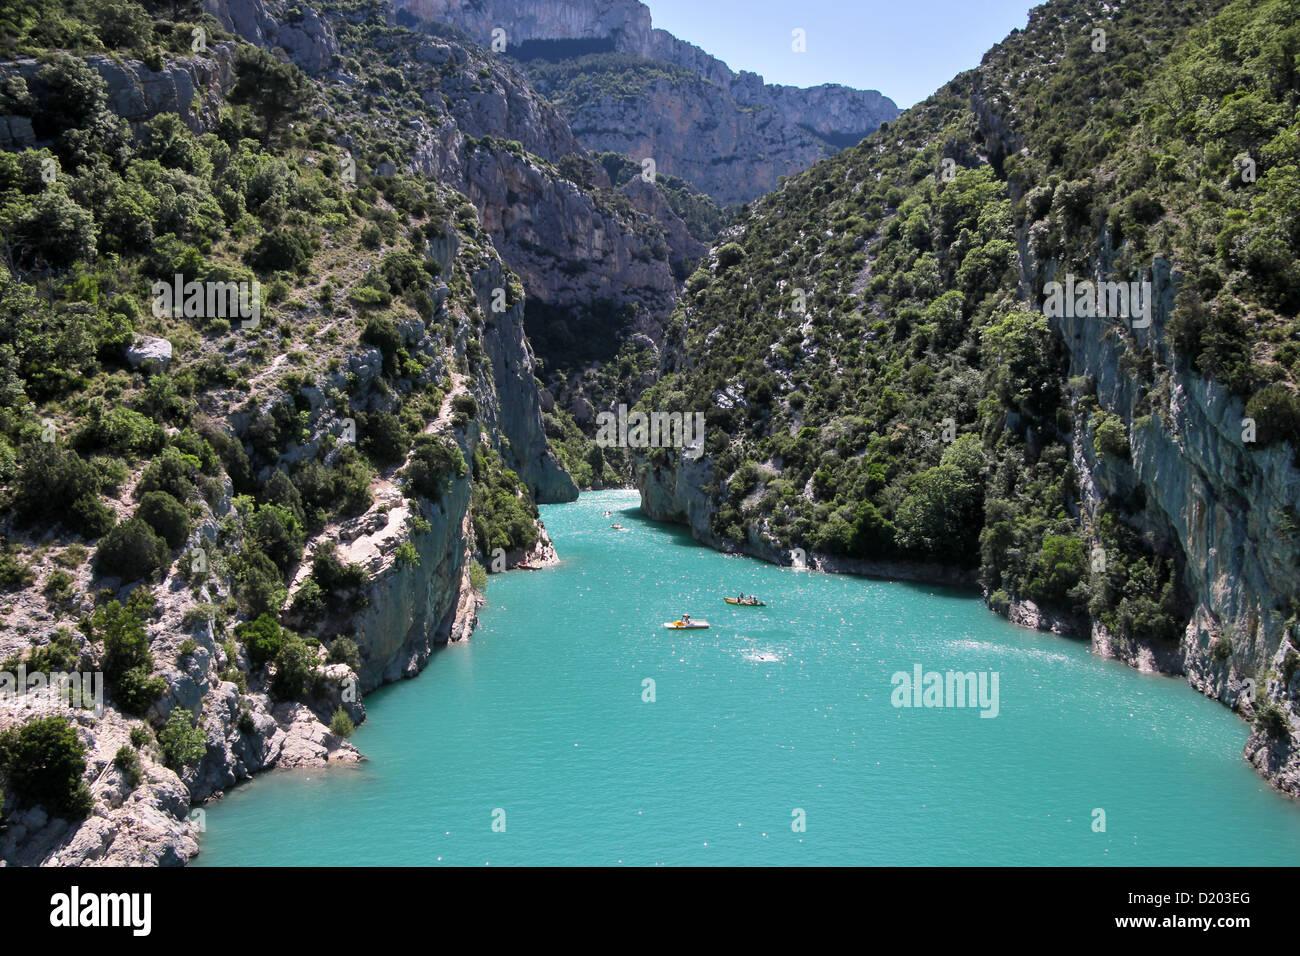 Verdon gorge at Lac de Sainte-Croix, at Aiguines, Provence, France Stock Photo